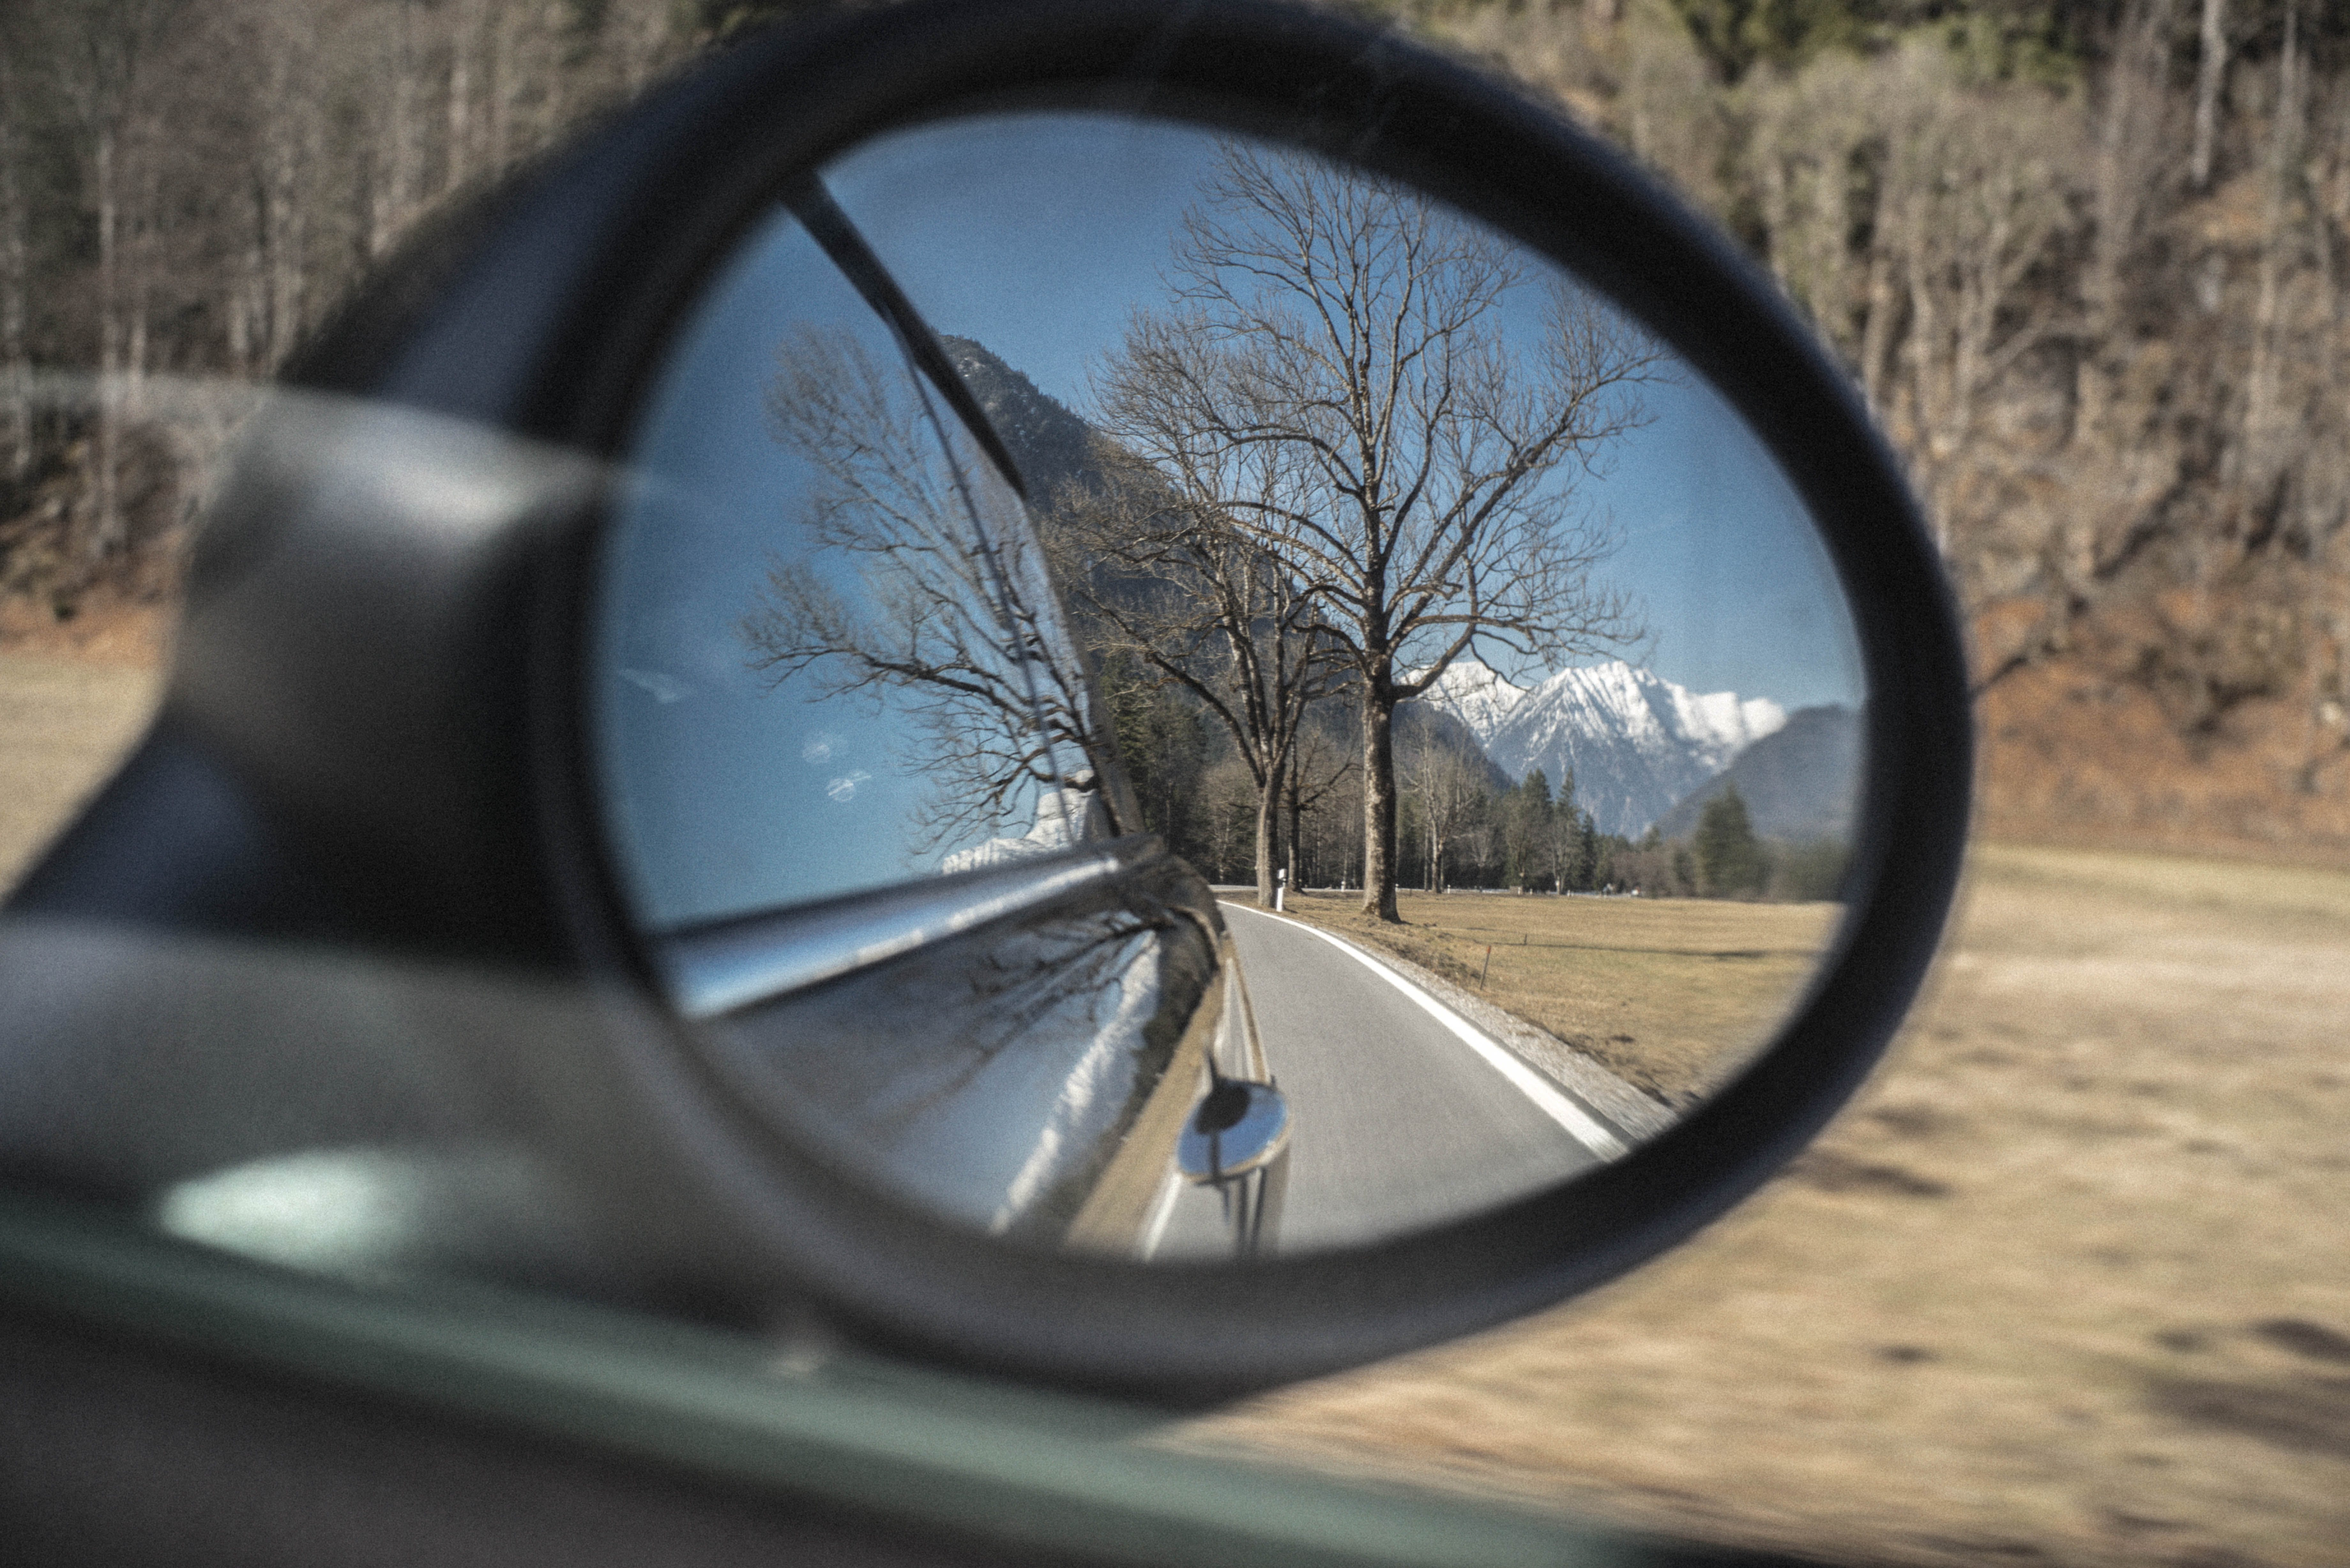 Mini Cooper, 交通系統, 光, 反射 的 免費圖庫相片